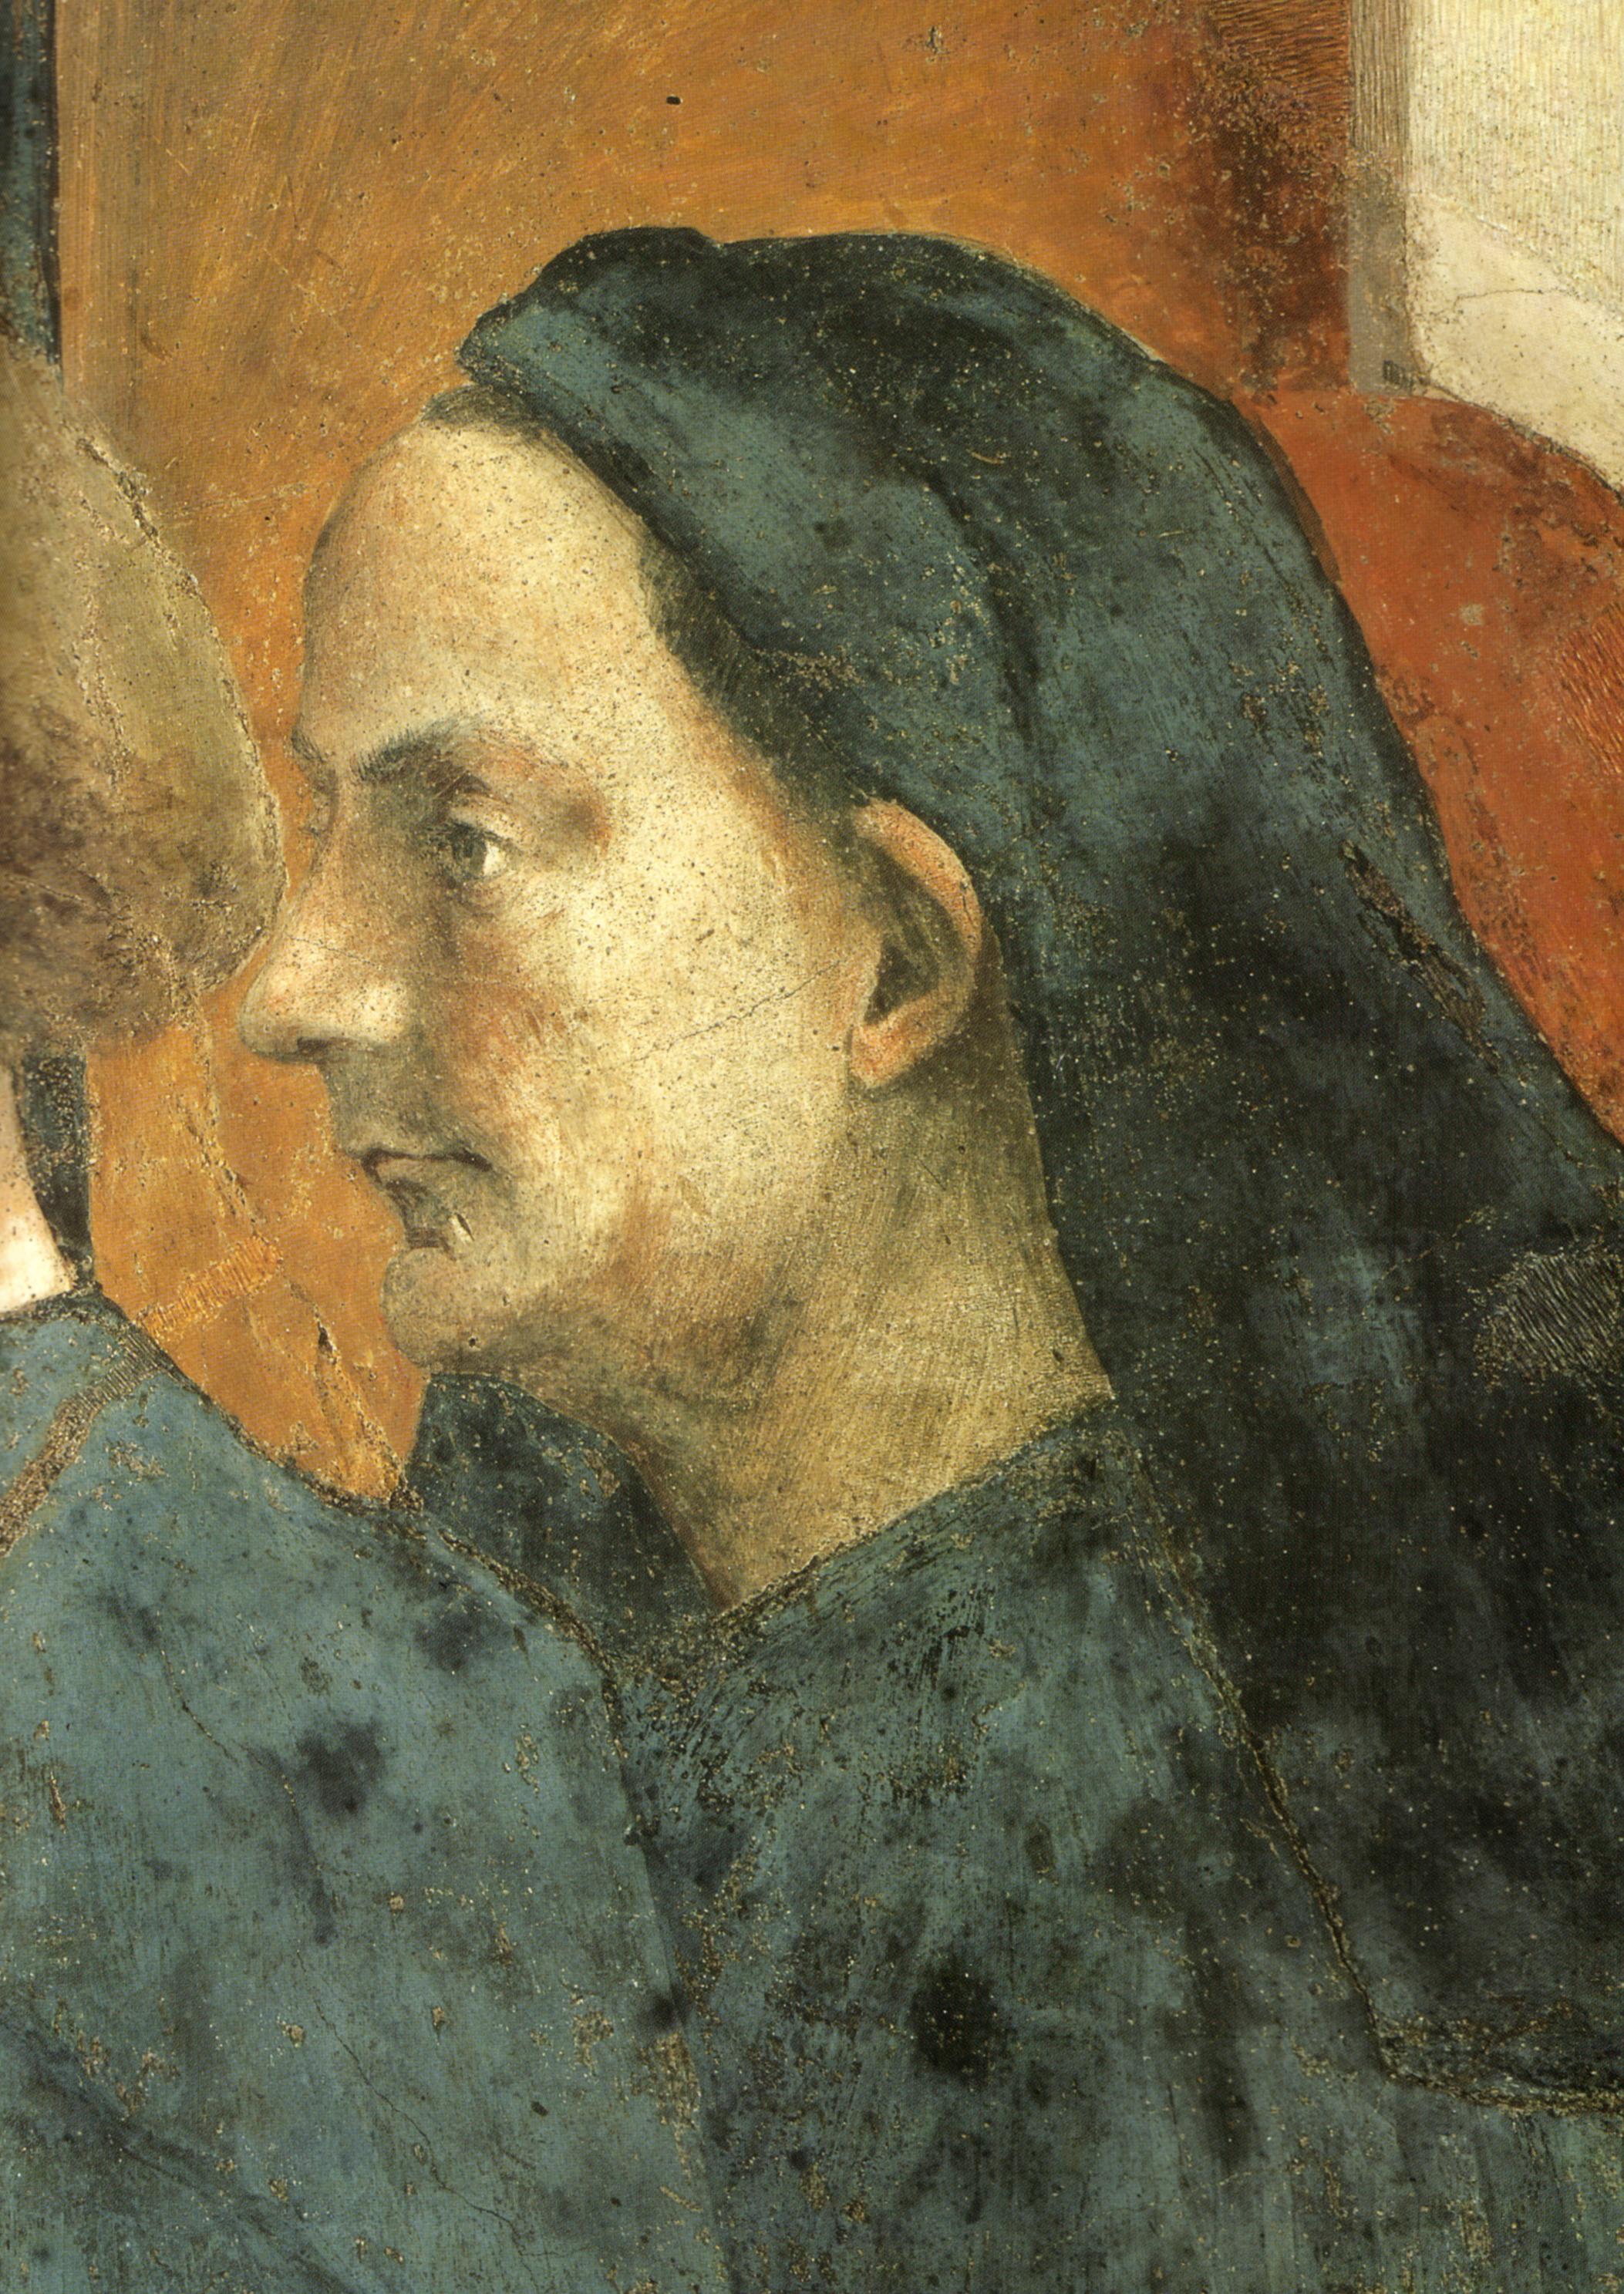 Architetti Famosi Antichi filippo brunelleschi - wikipedia